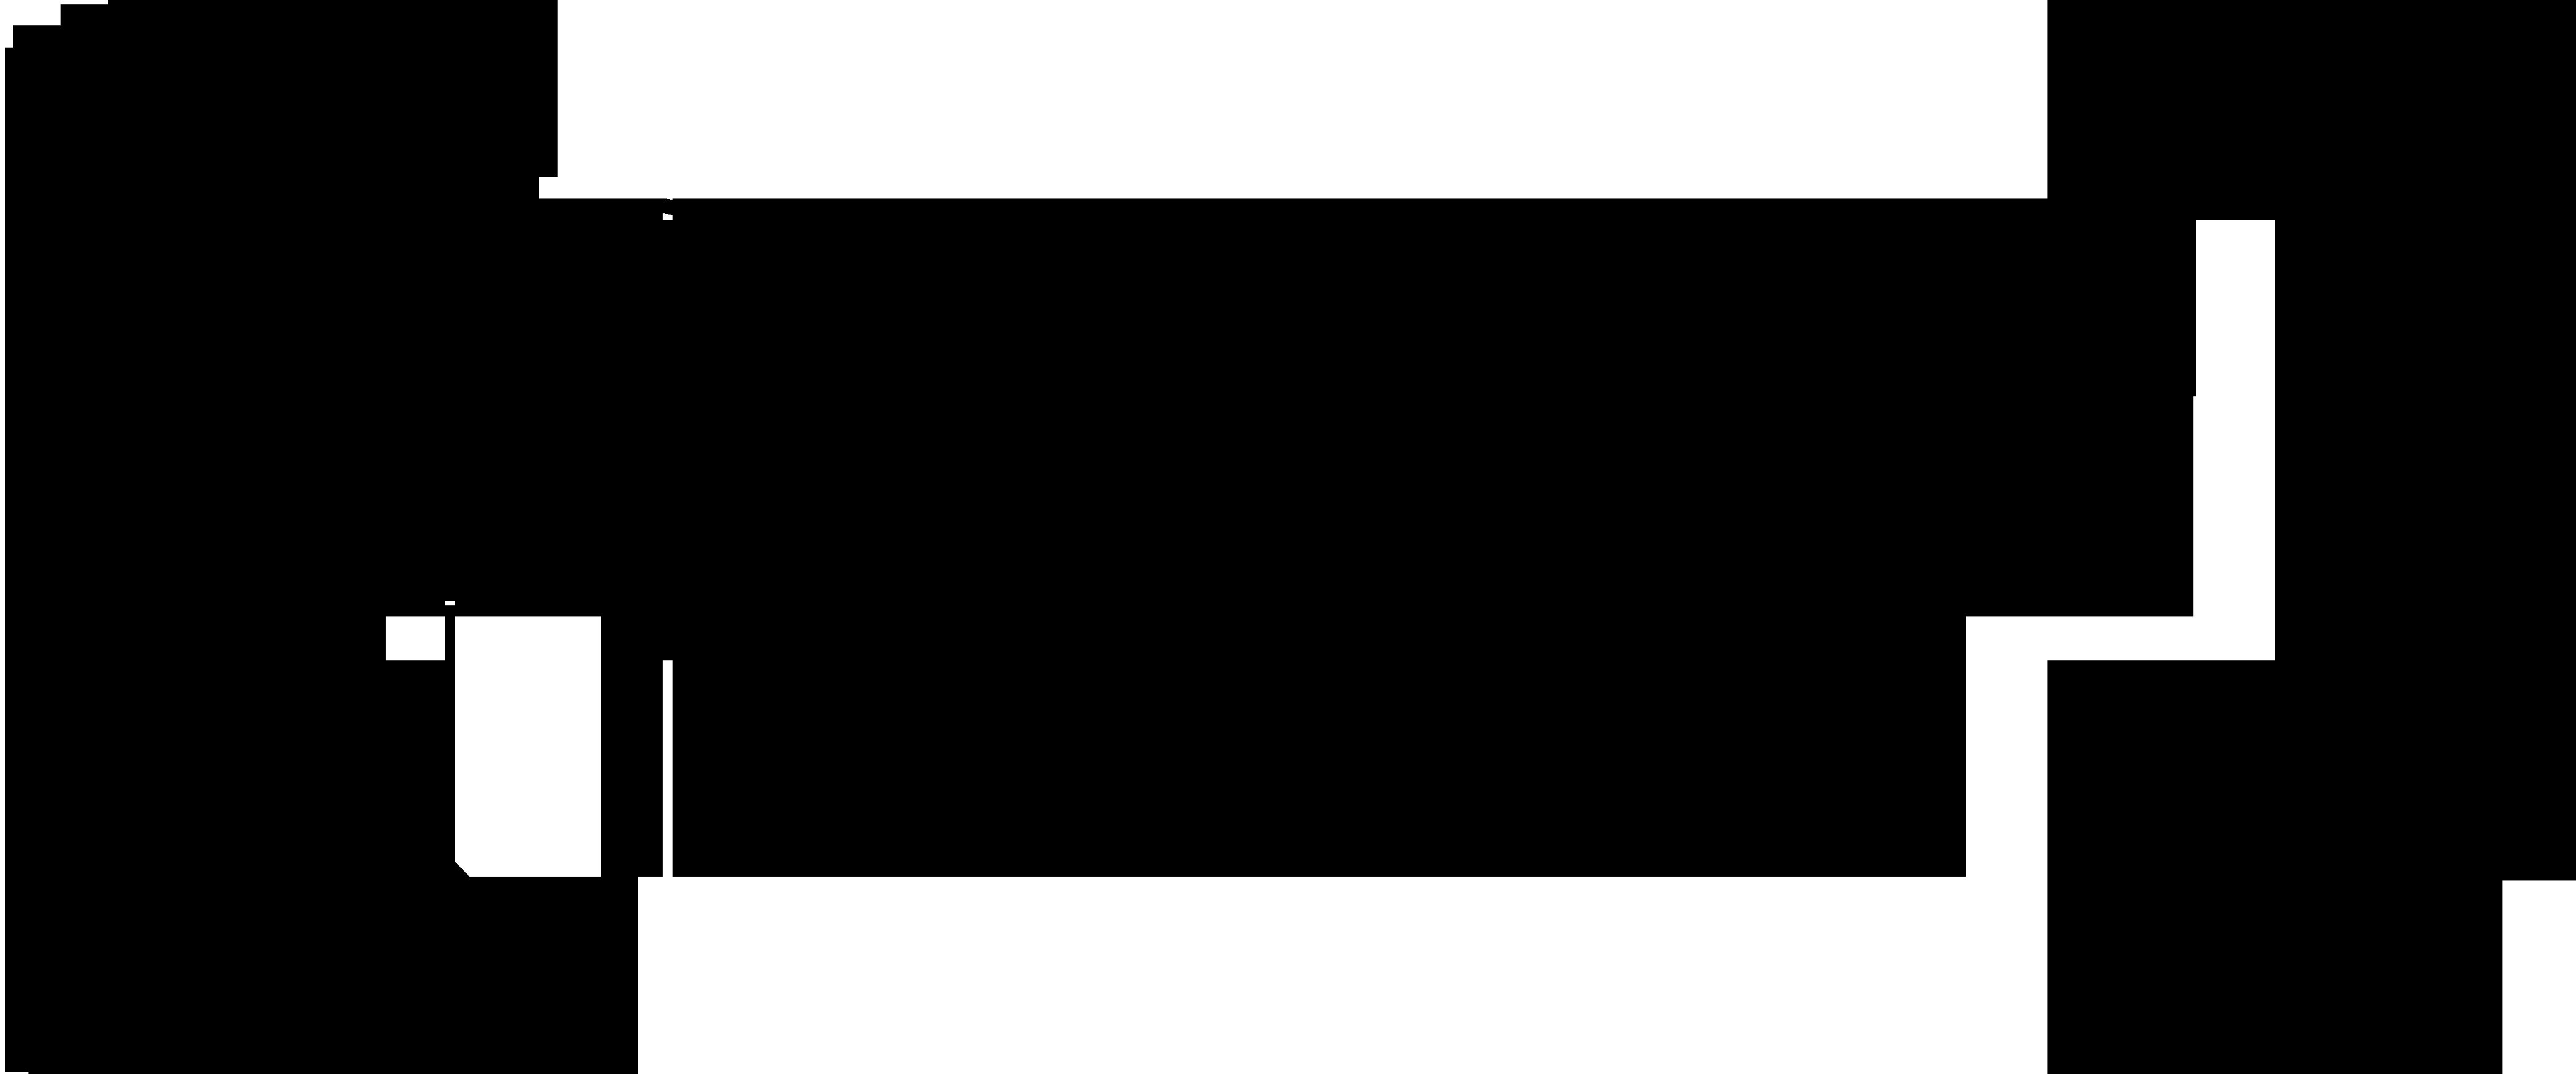 laurel-59-seminci